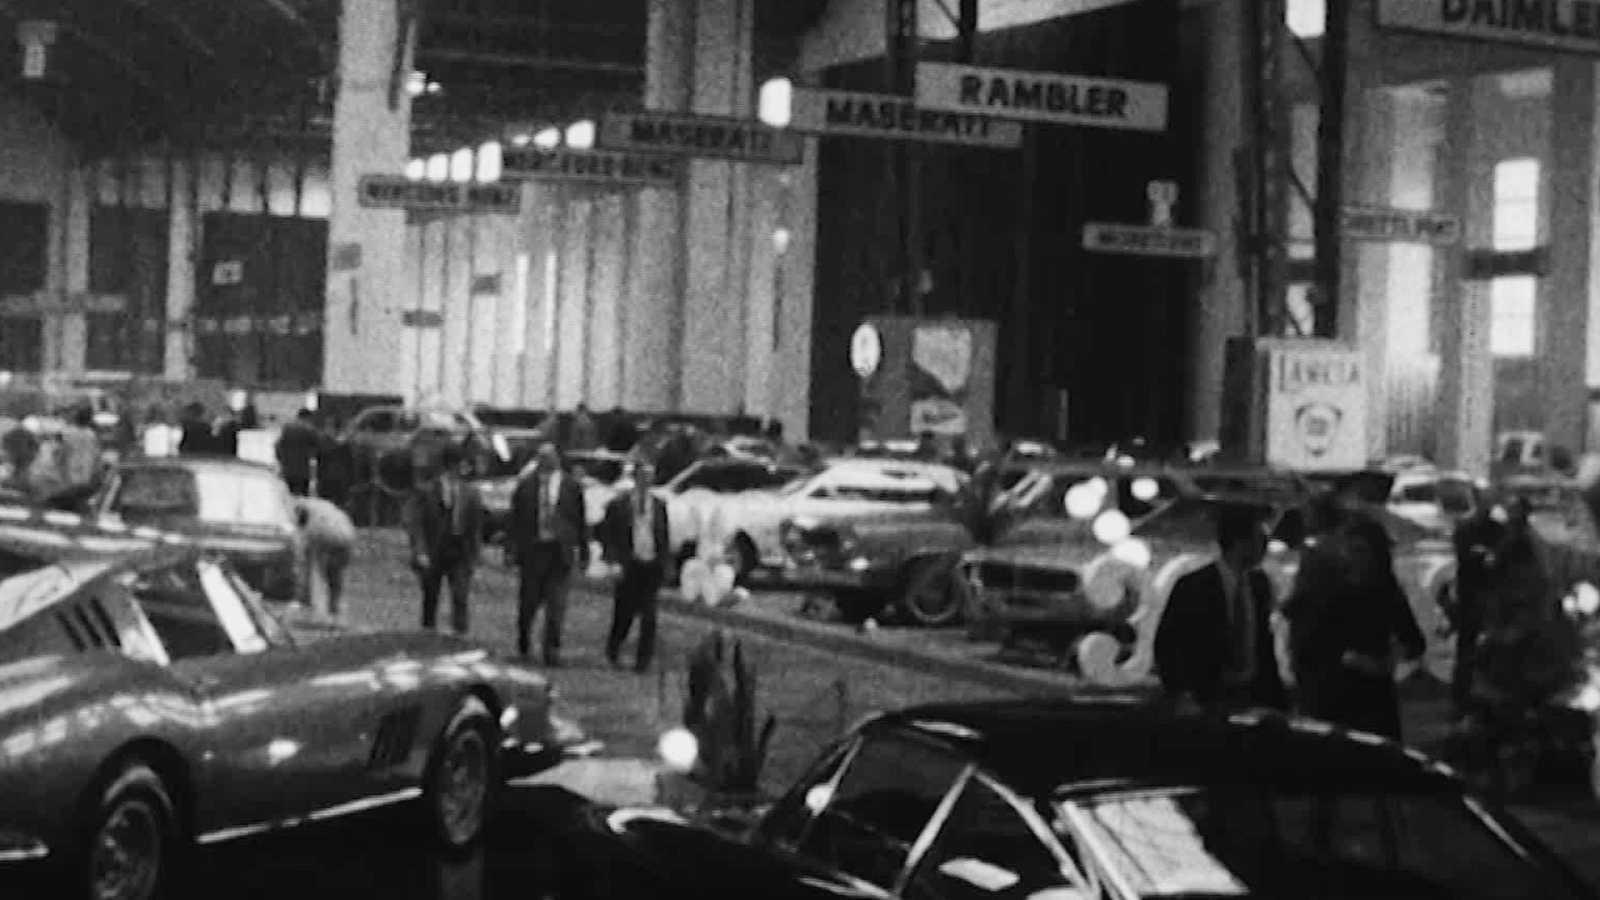 Arxiu TVE Catalunya - Saló Internacional de l'Automòbil - 1968